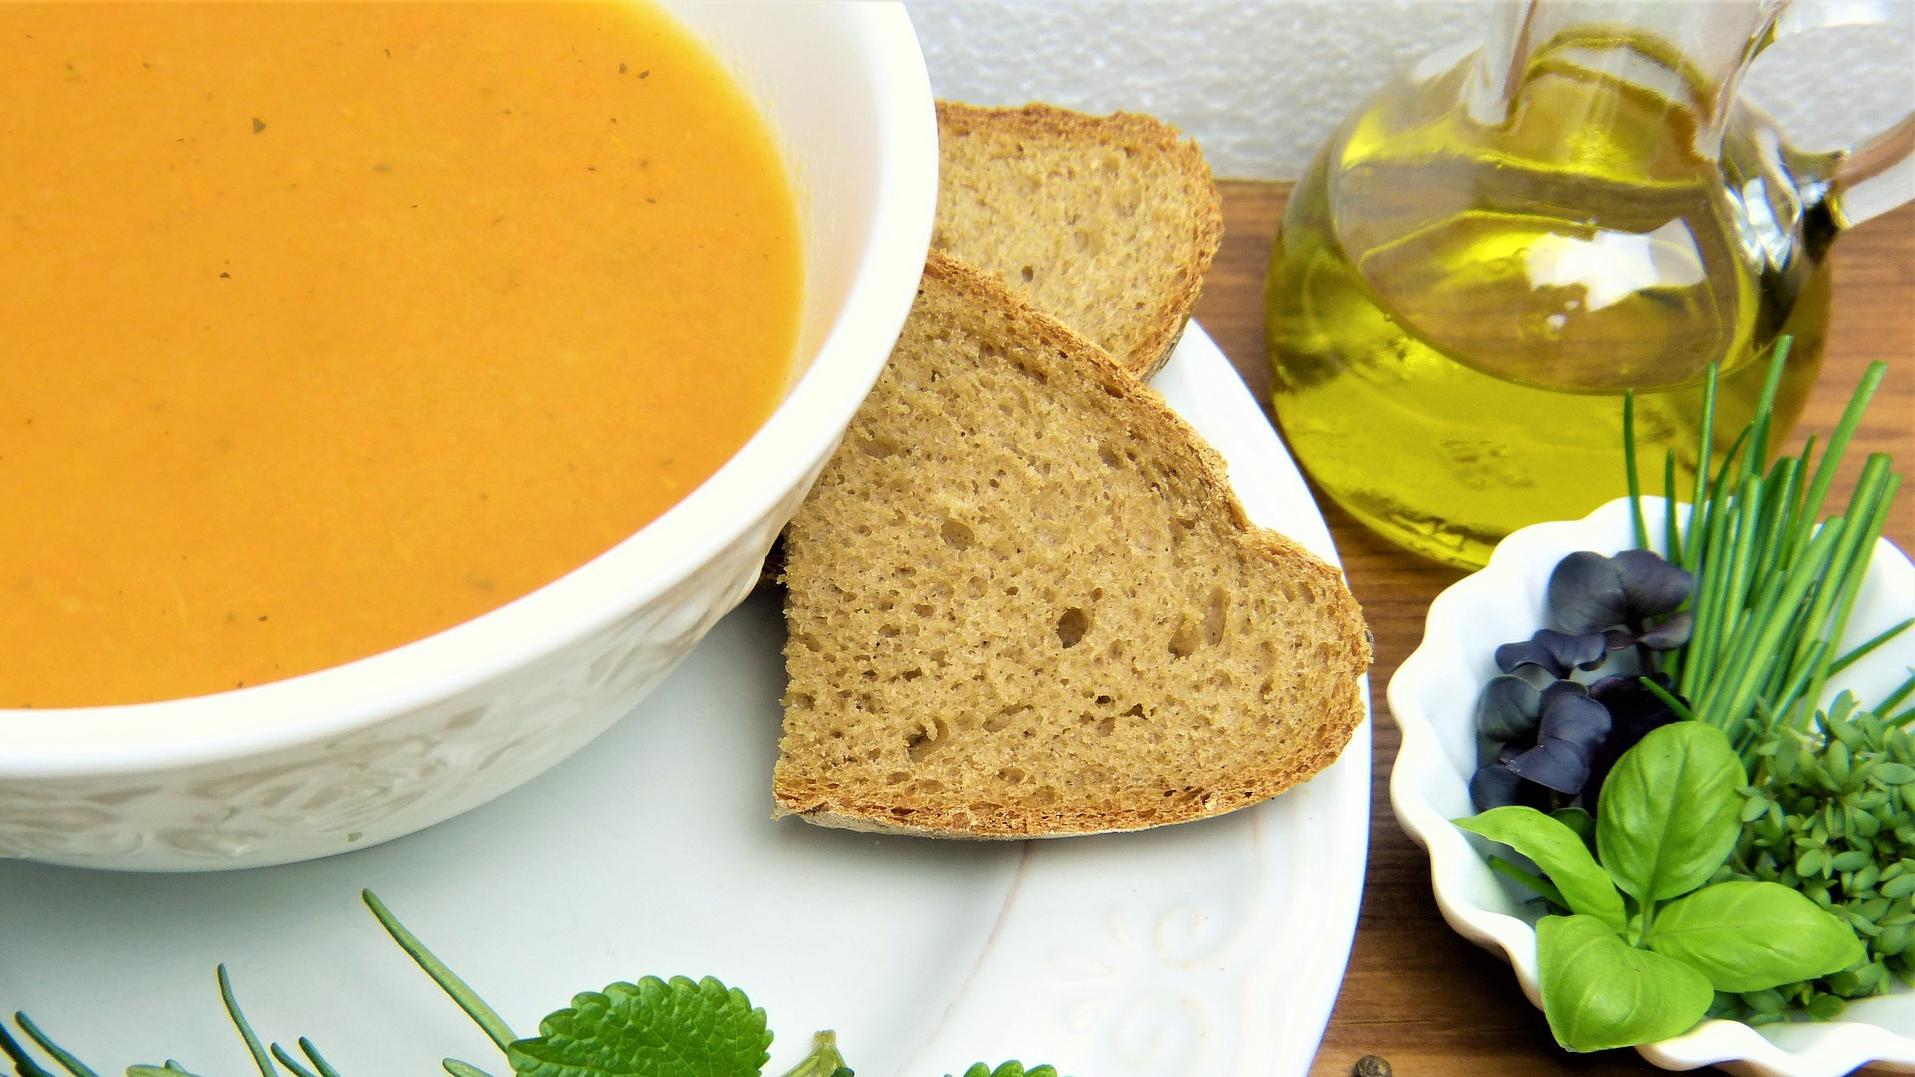 Alle Makronährstoffe sollen in Ihrem gesunden Mittagessen zum Abnehmen enthalten sein - auch Fette und Kohlenhydrate. Brot zum Beispiel darf ruhig ab und zu auf den Speiseplan!